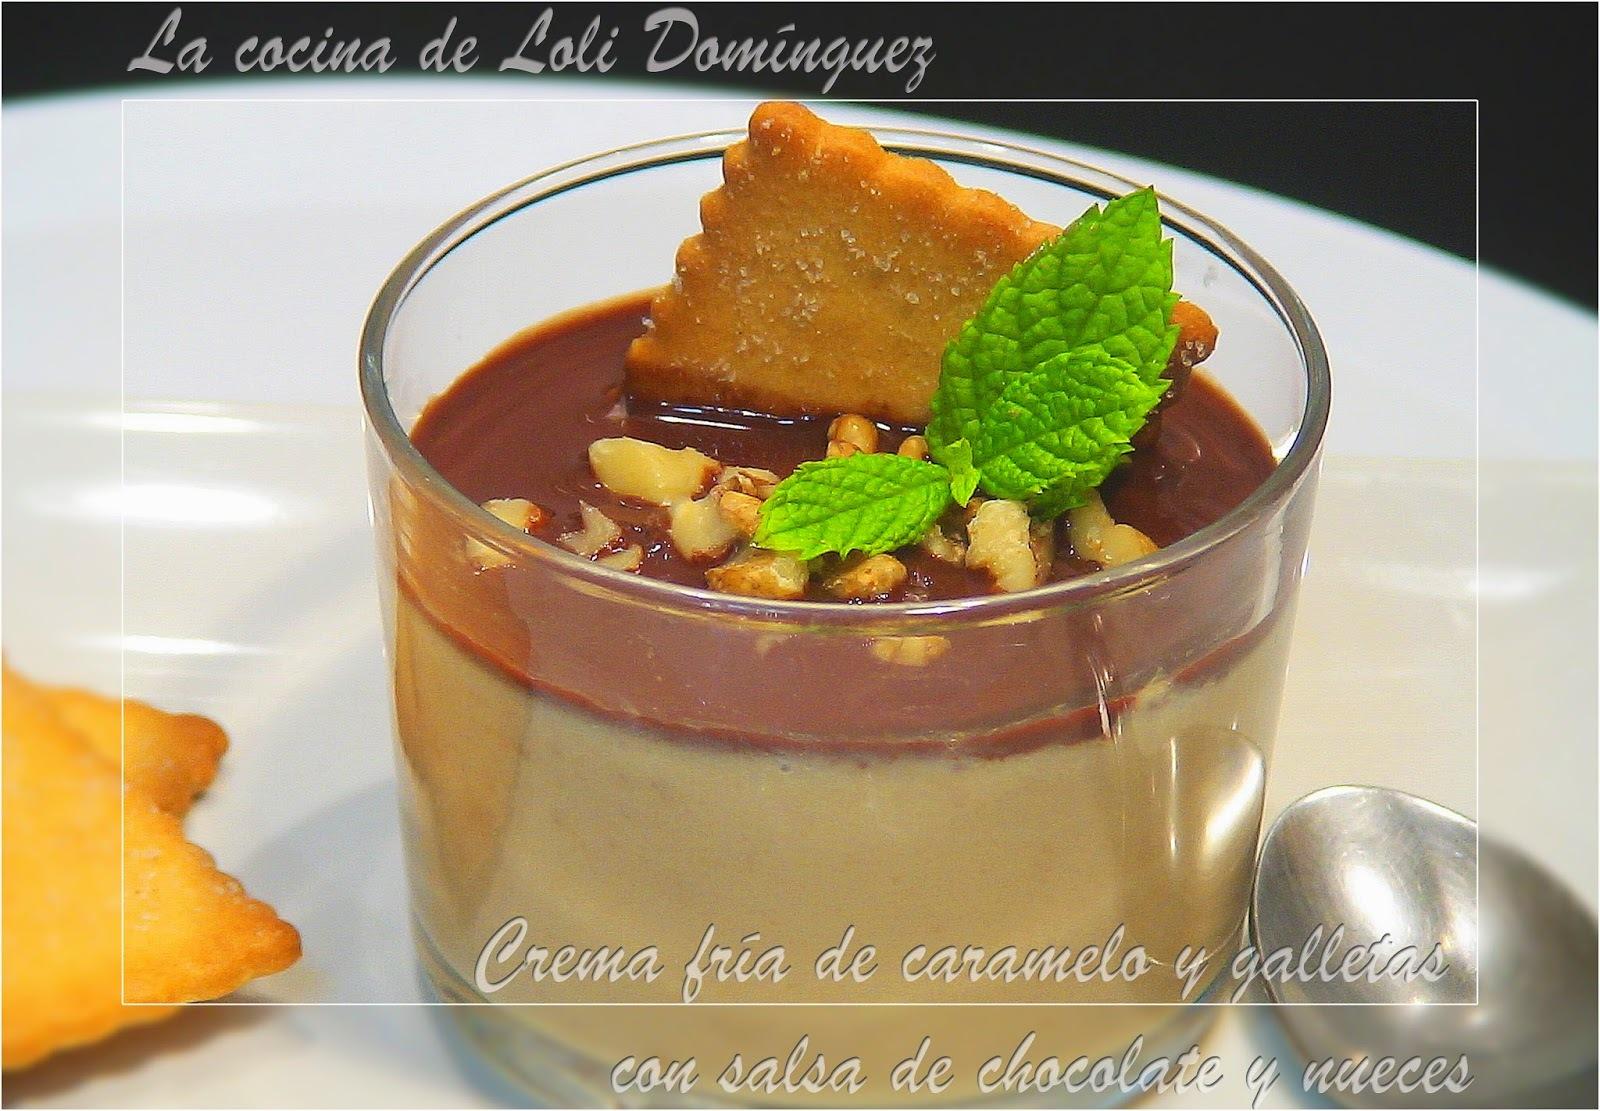 Crema fría de caramelo y galletas con salsa de chocolate y nueces